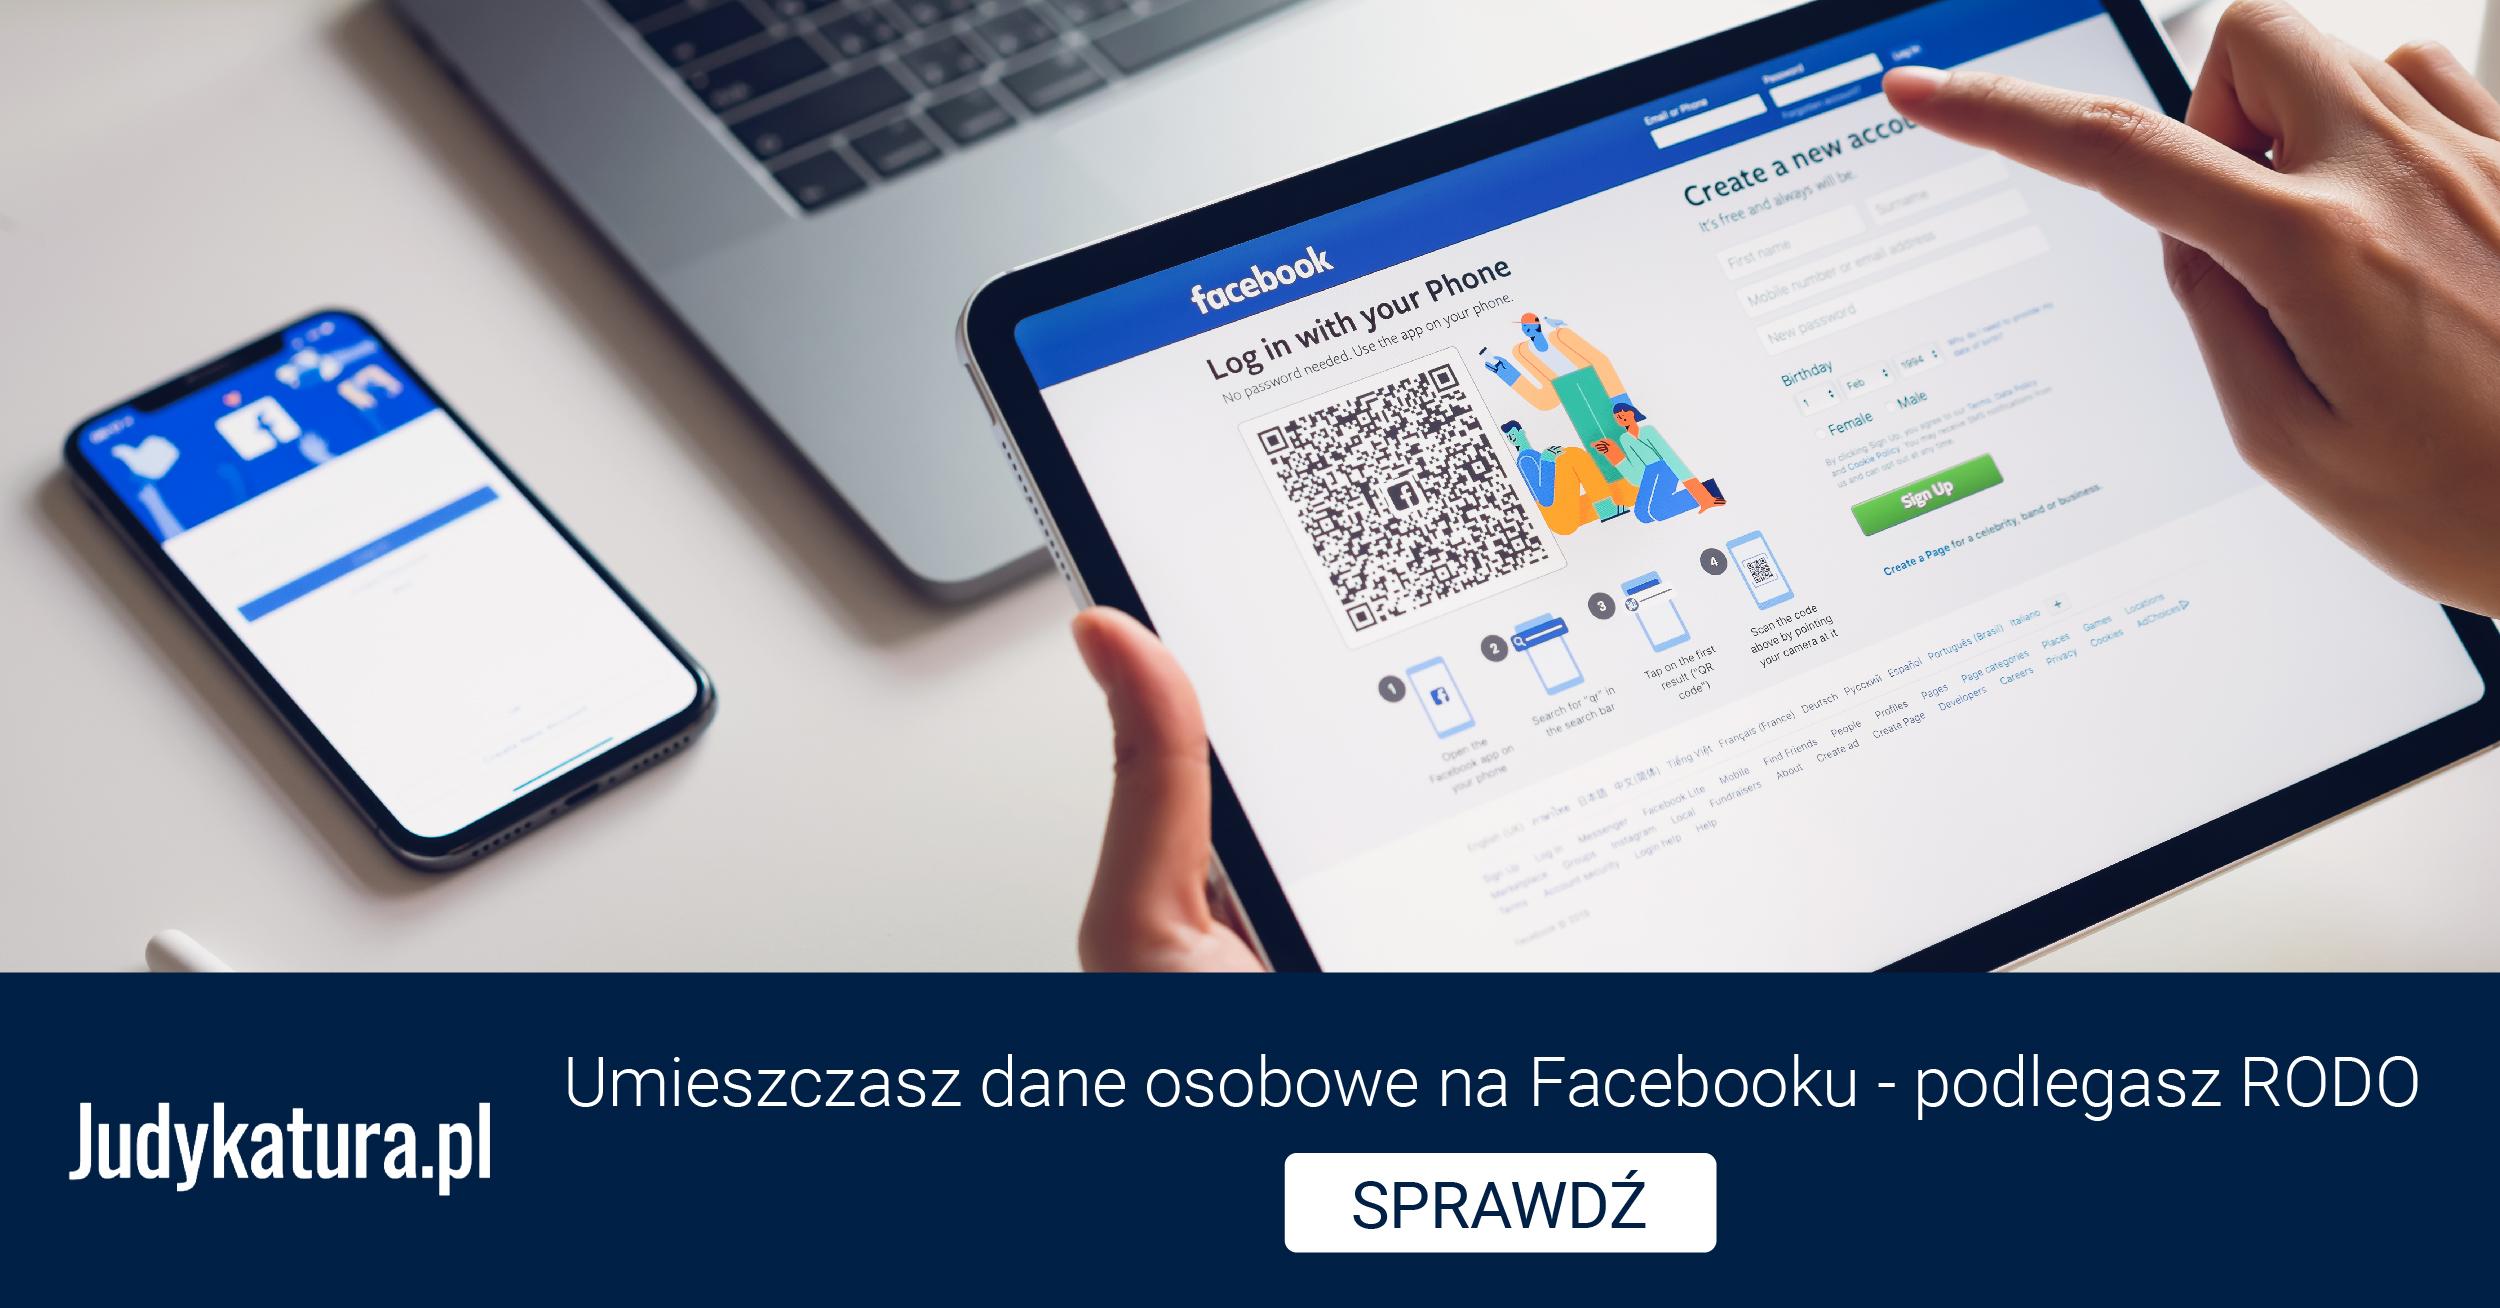 Umieszczasz dane osobowe naFacebooku – podlegasz RODO